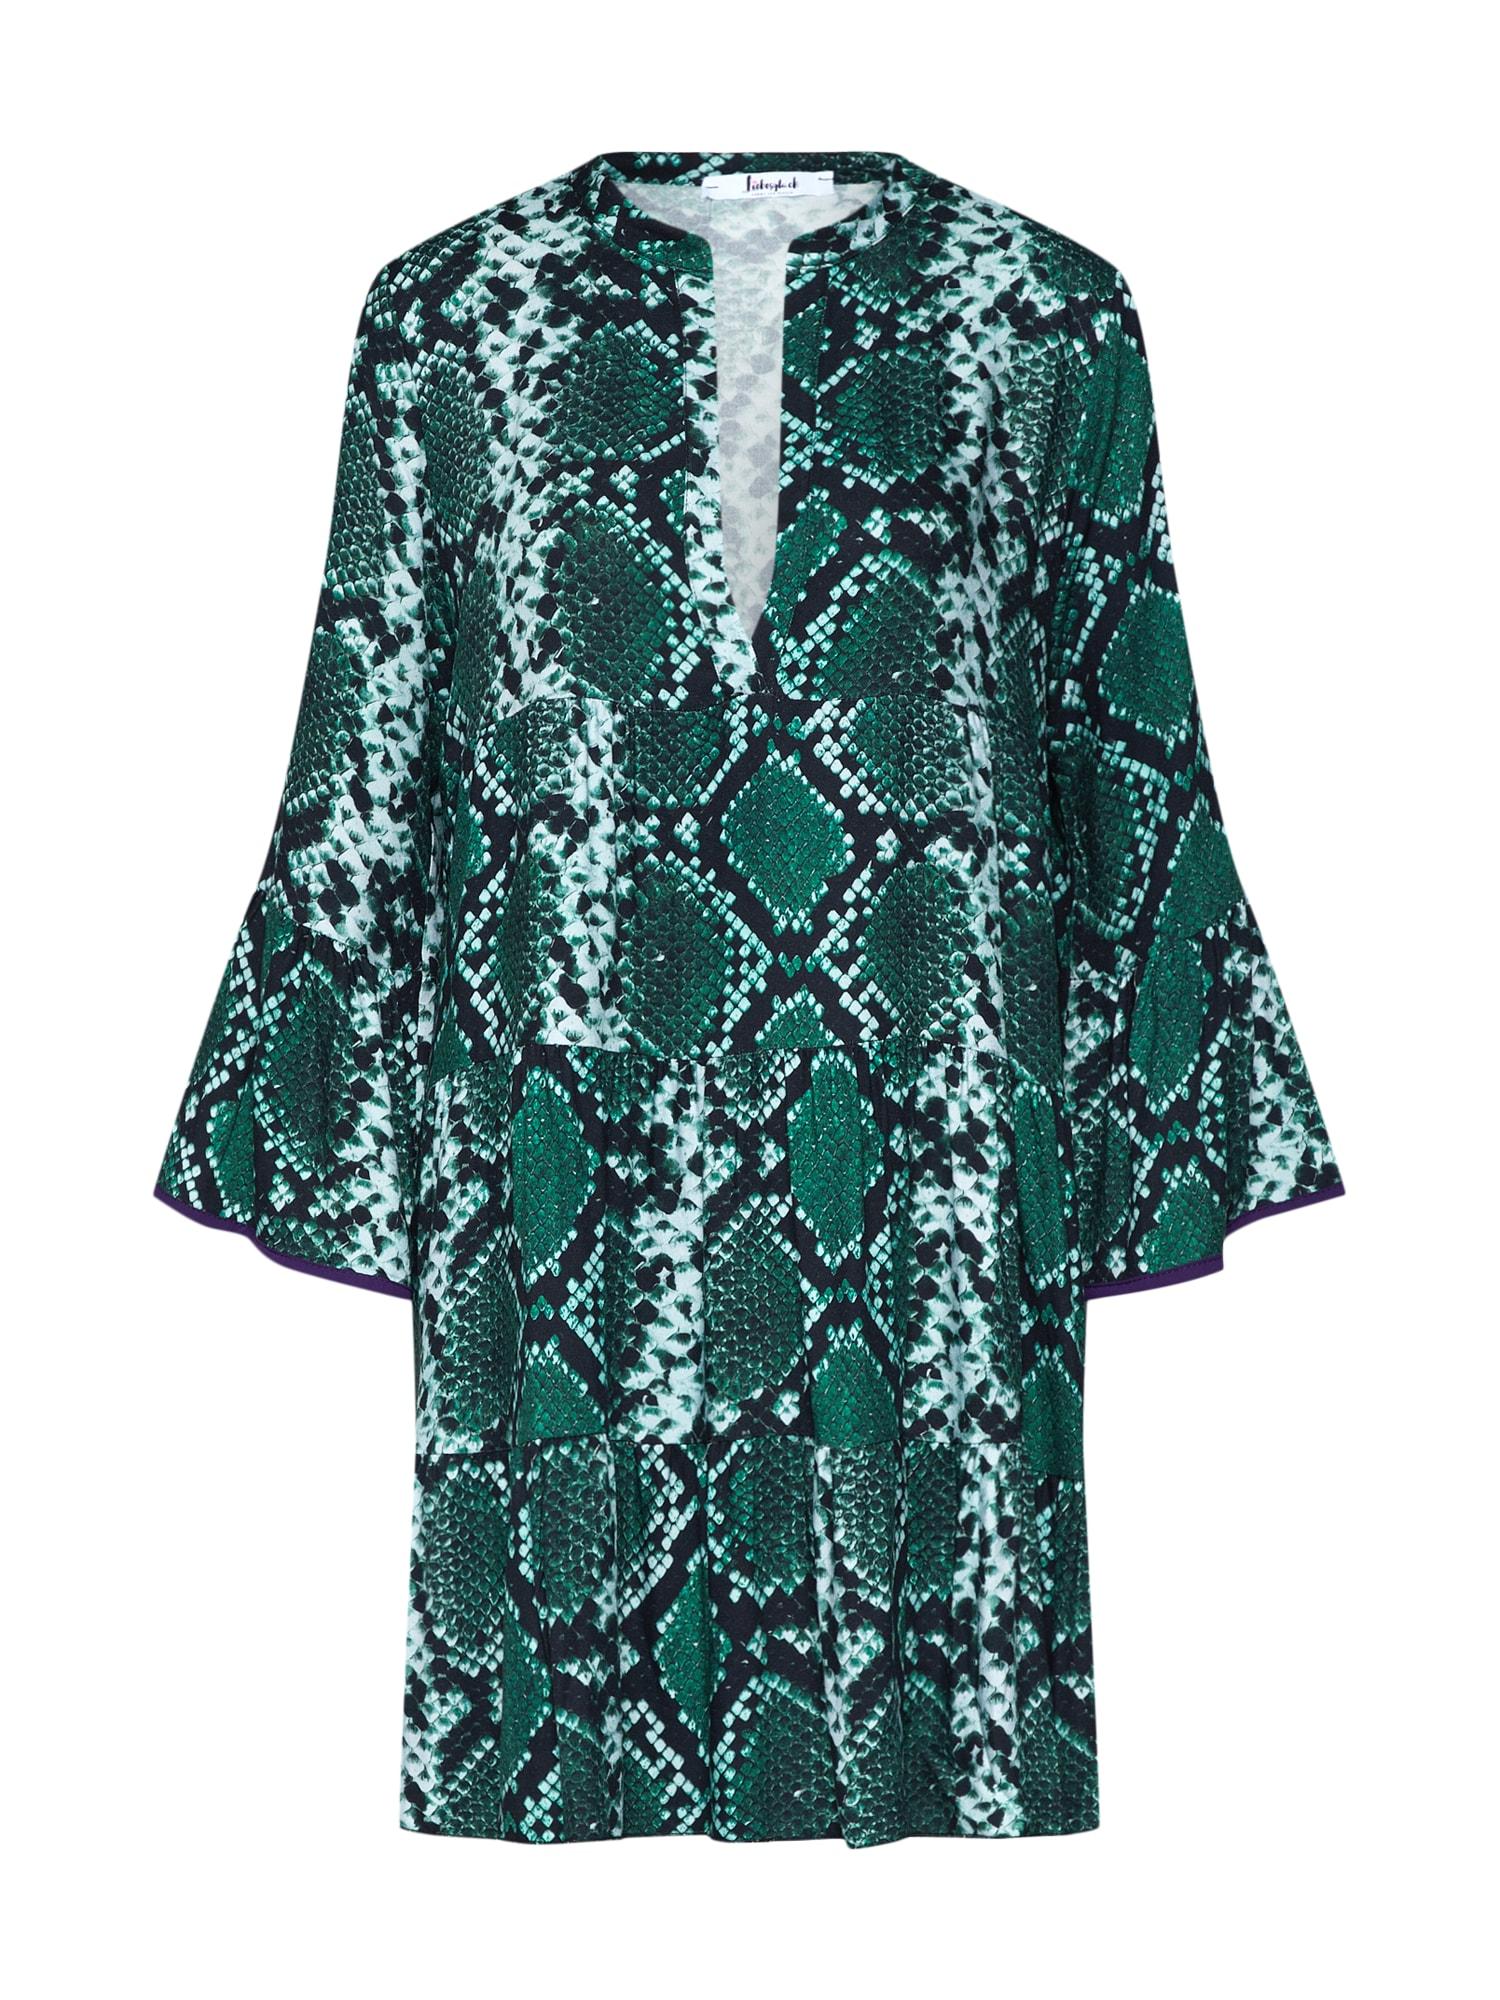 Letní šaty LG006150 zelená Liebesglück